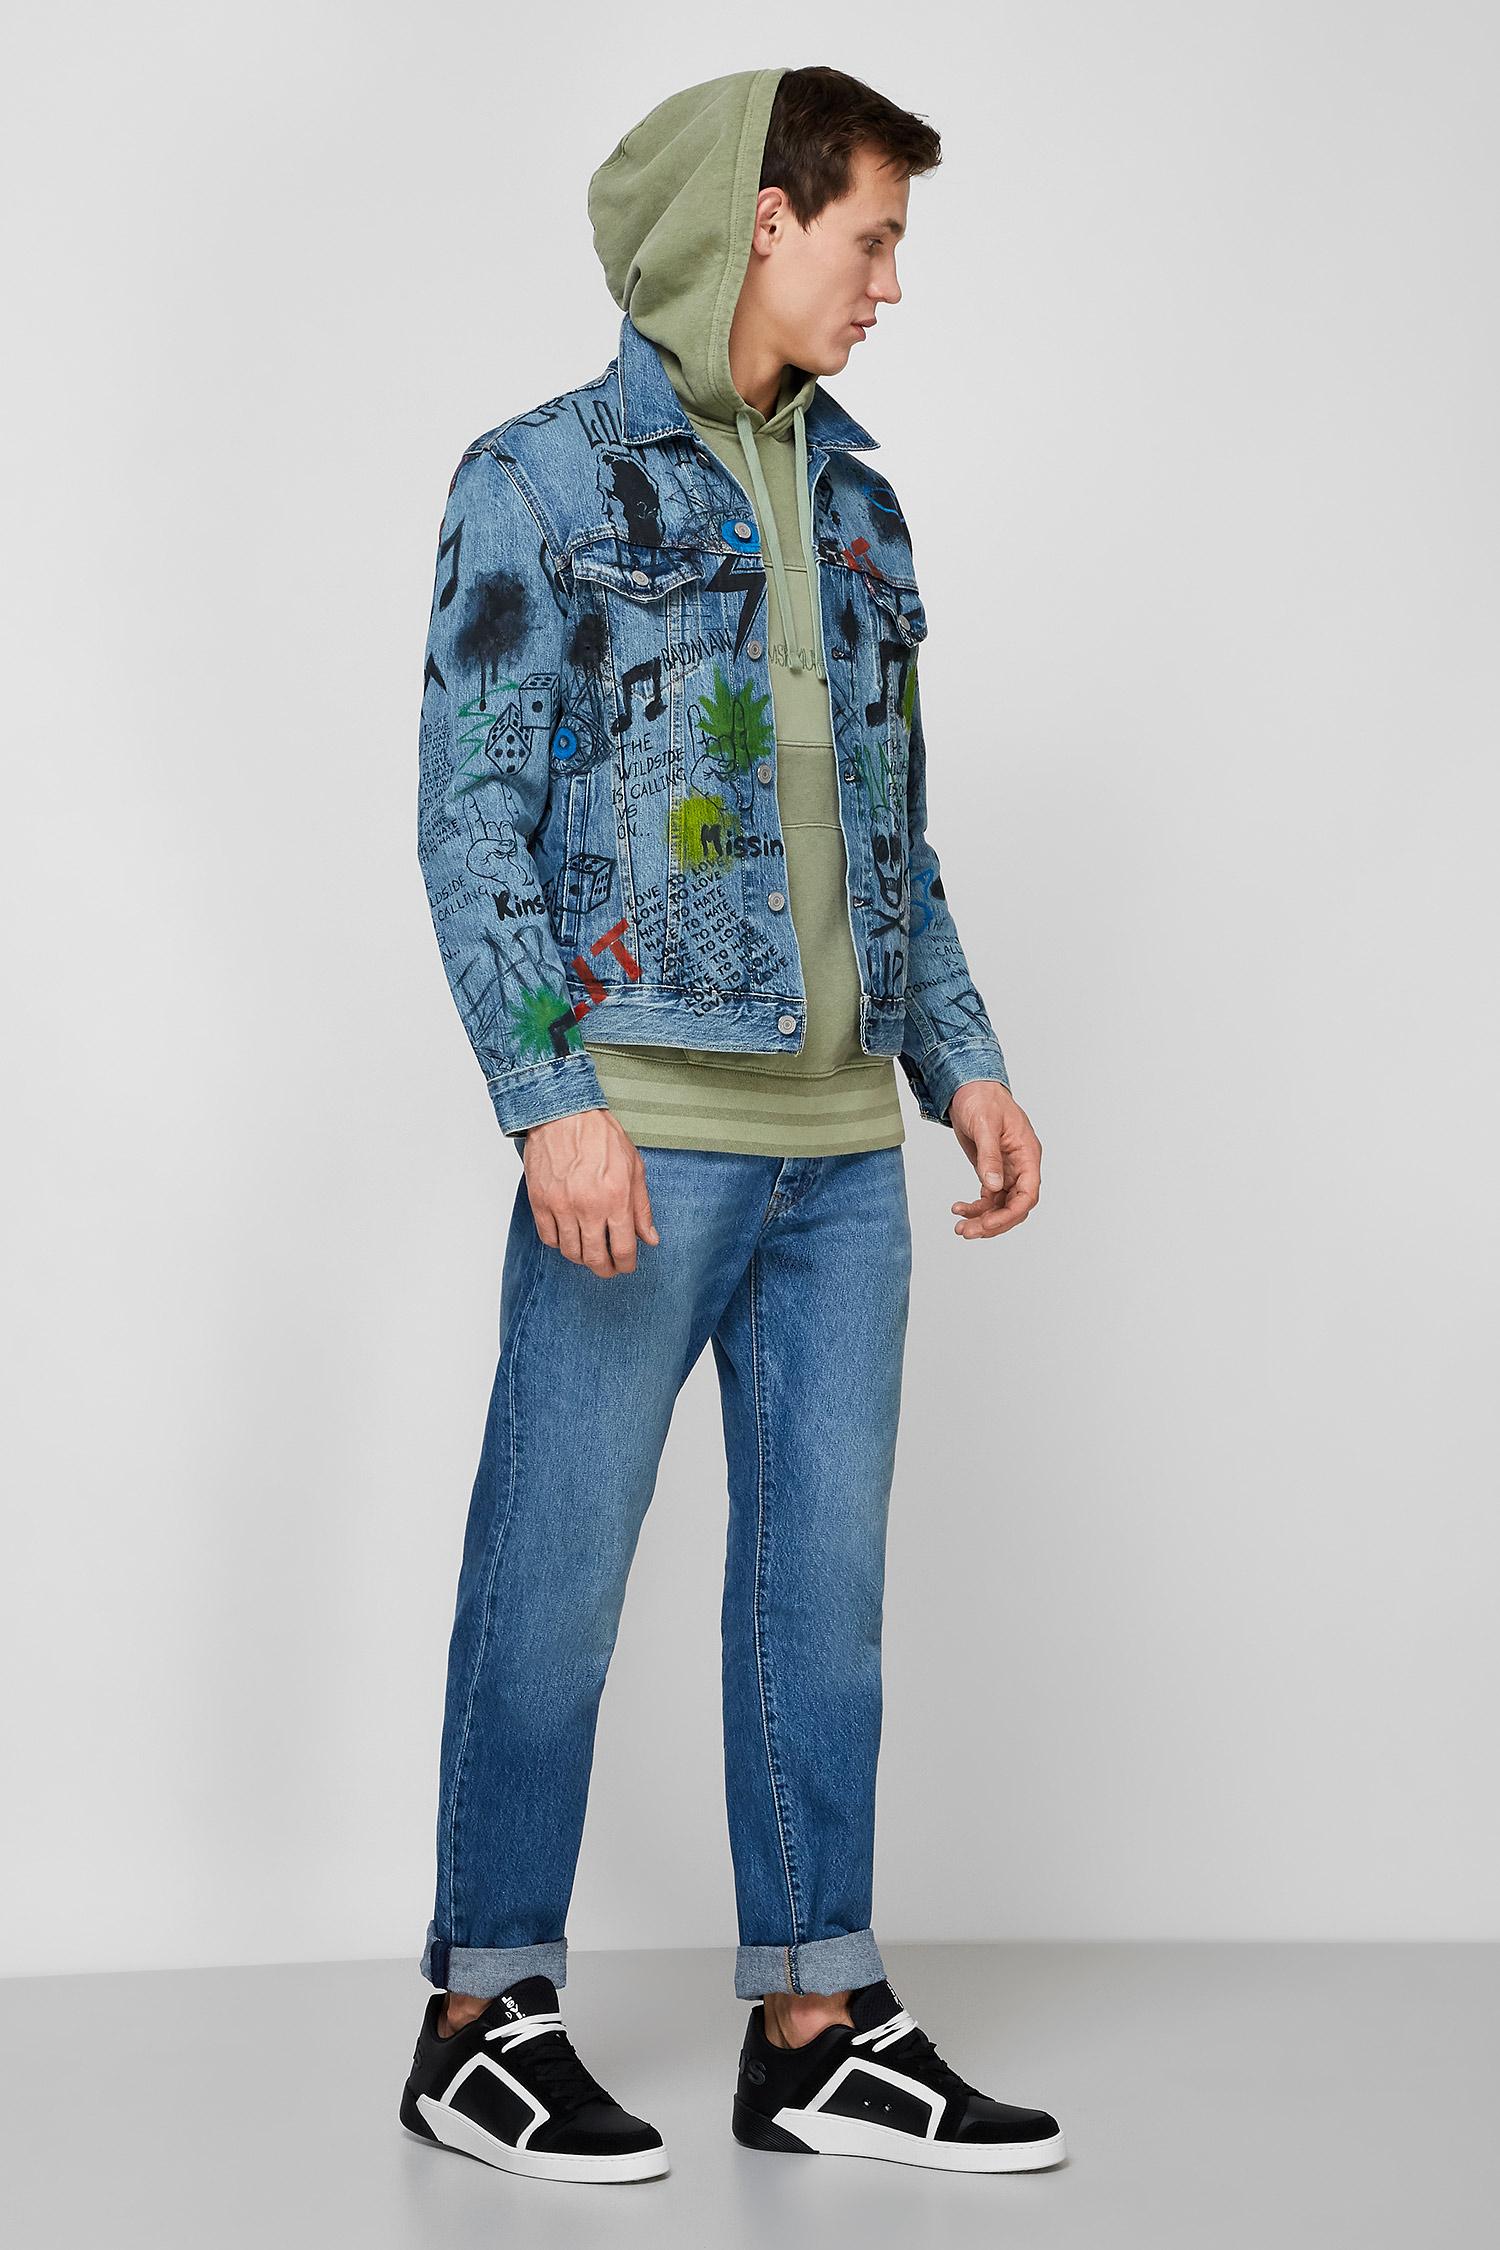 Мужская синяя джинсовая куртка Angelov Custom Levi's 72334;0351T(41)